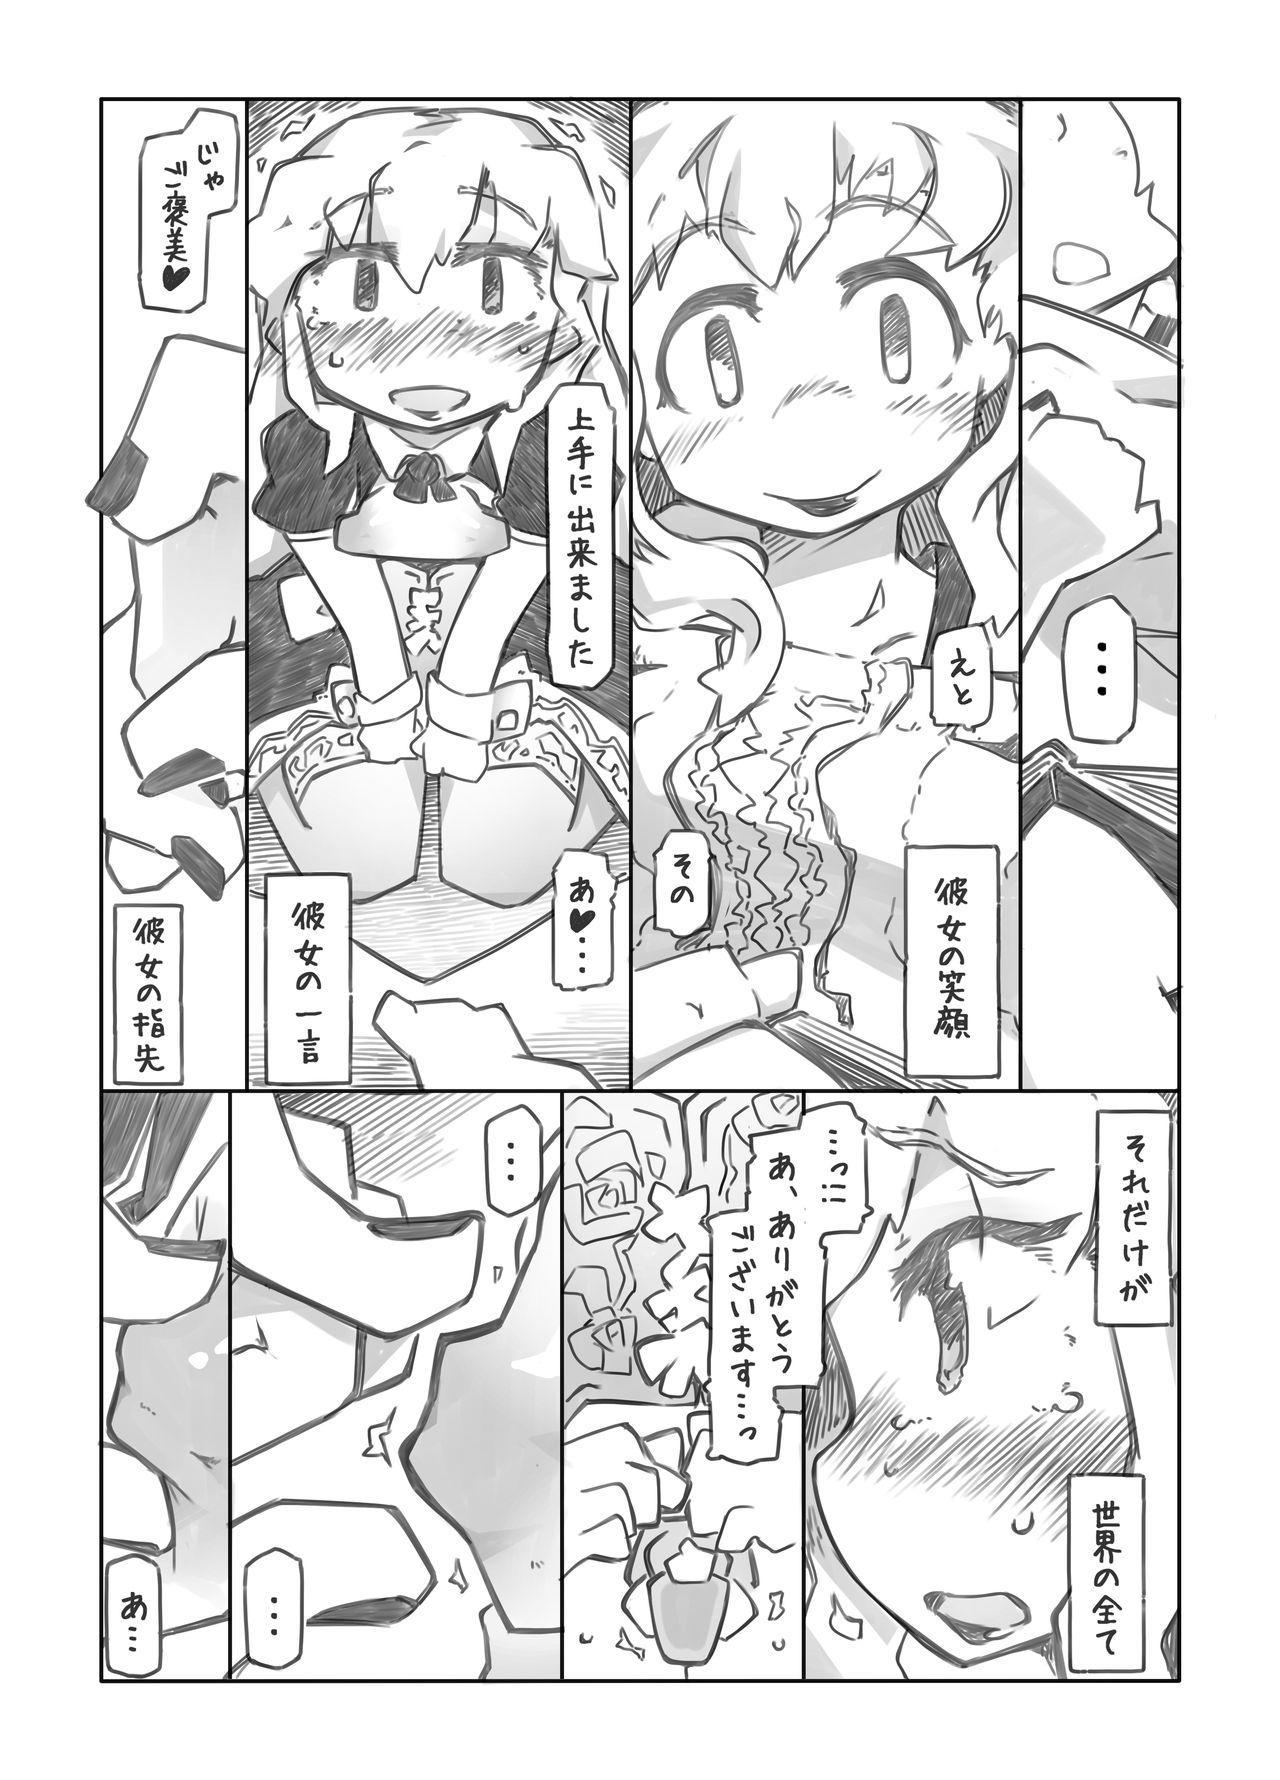 Juuzoku no Yorokobi 4